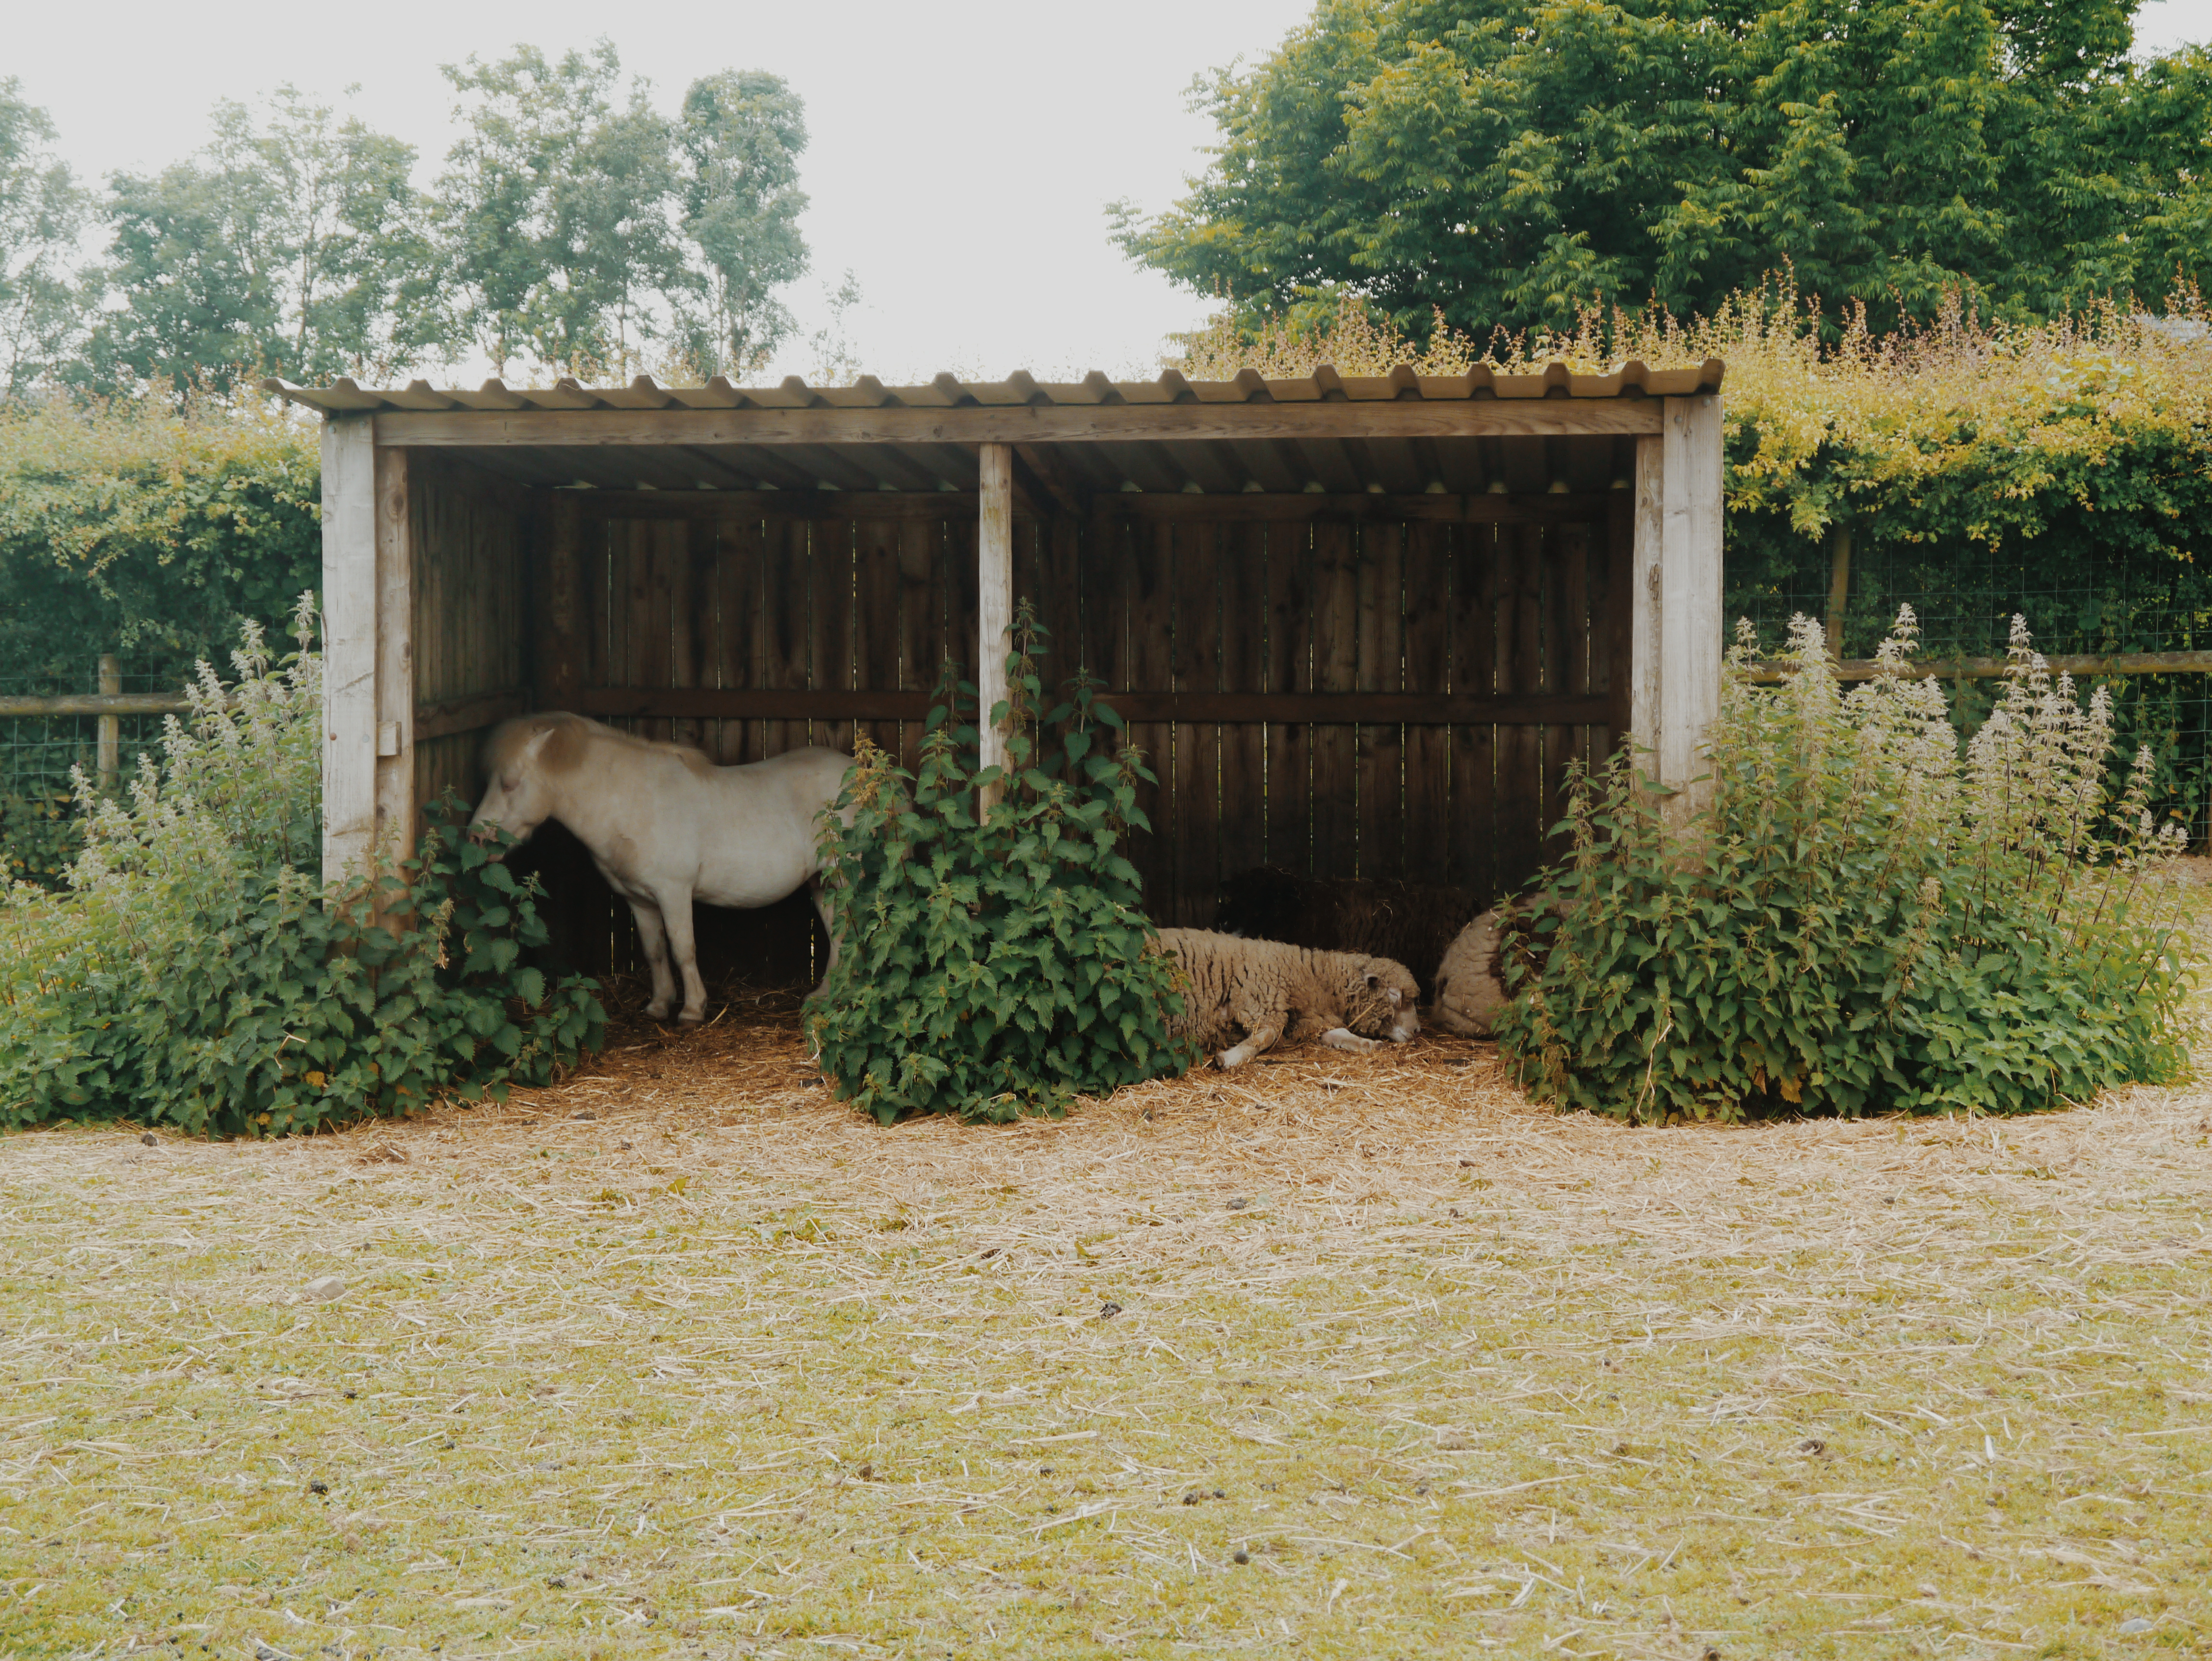 Folly-Farm-sheep-and-horse